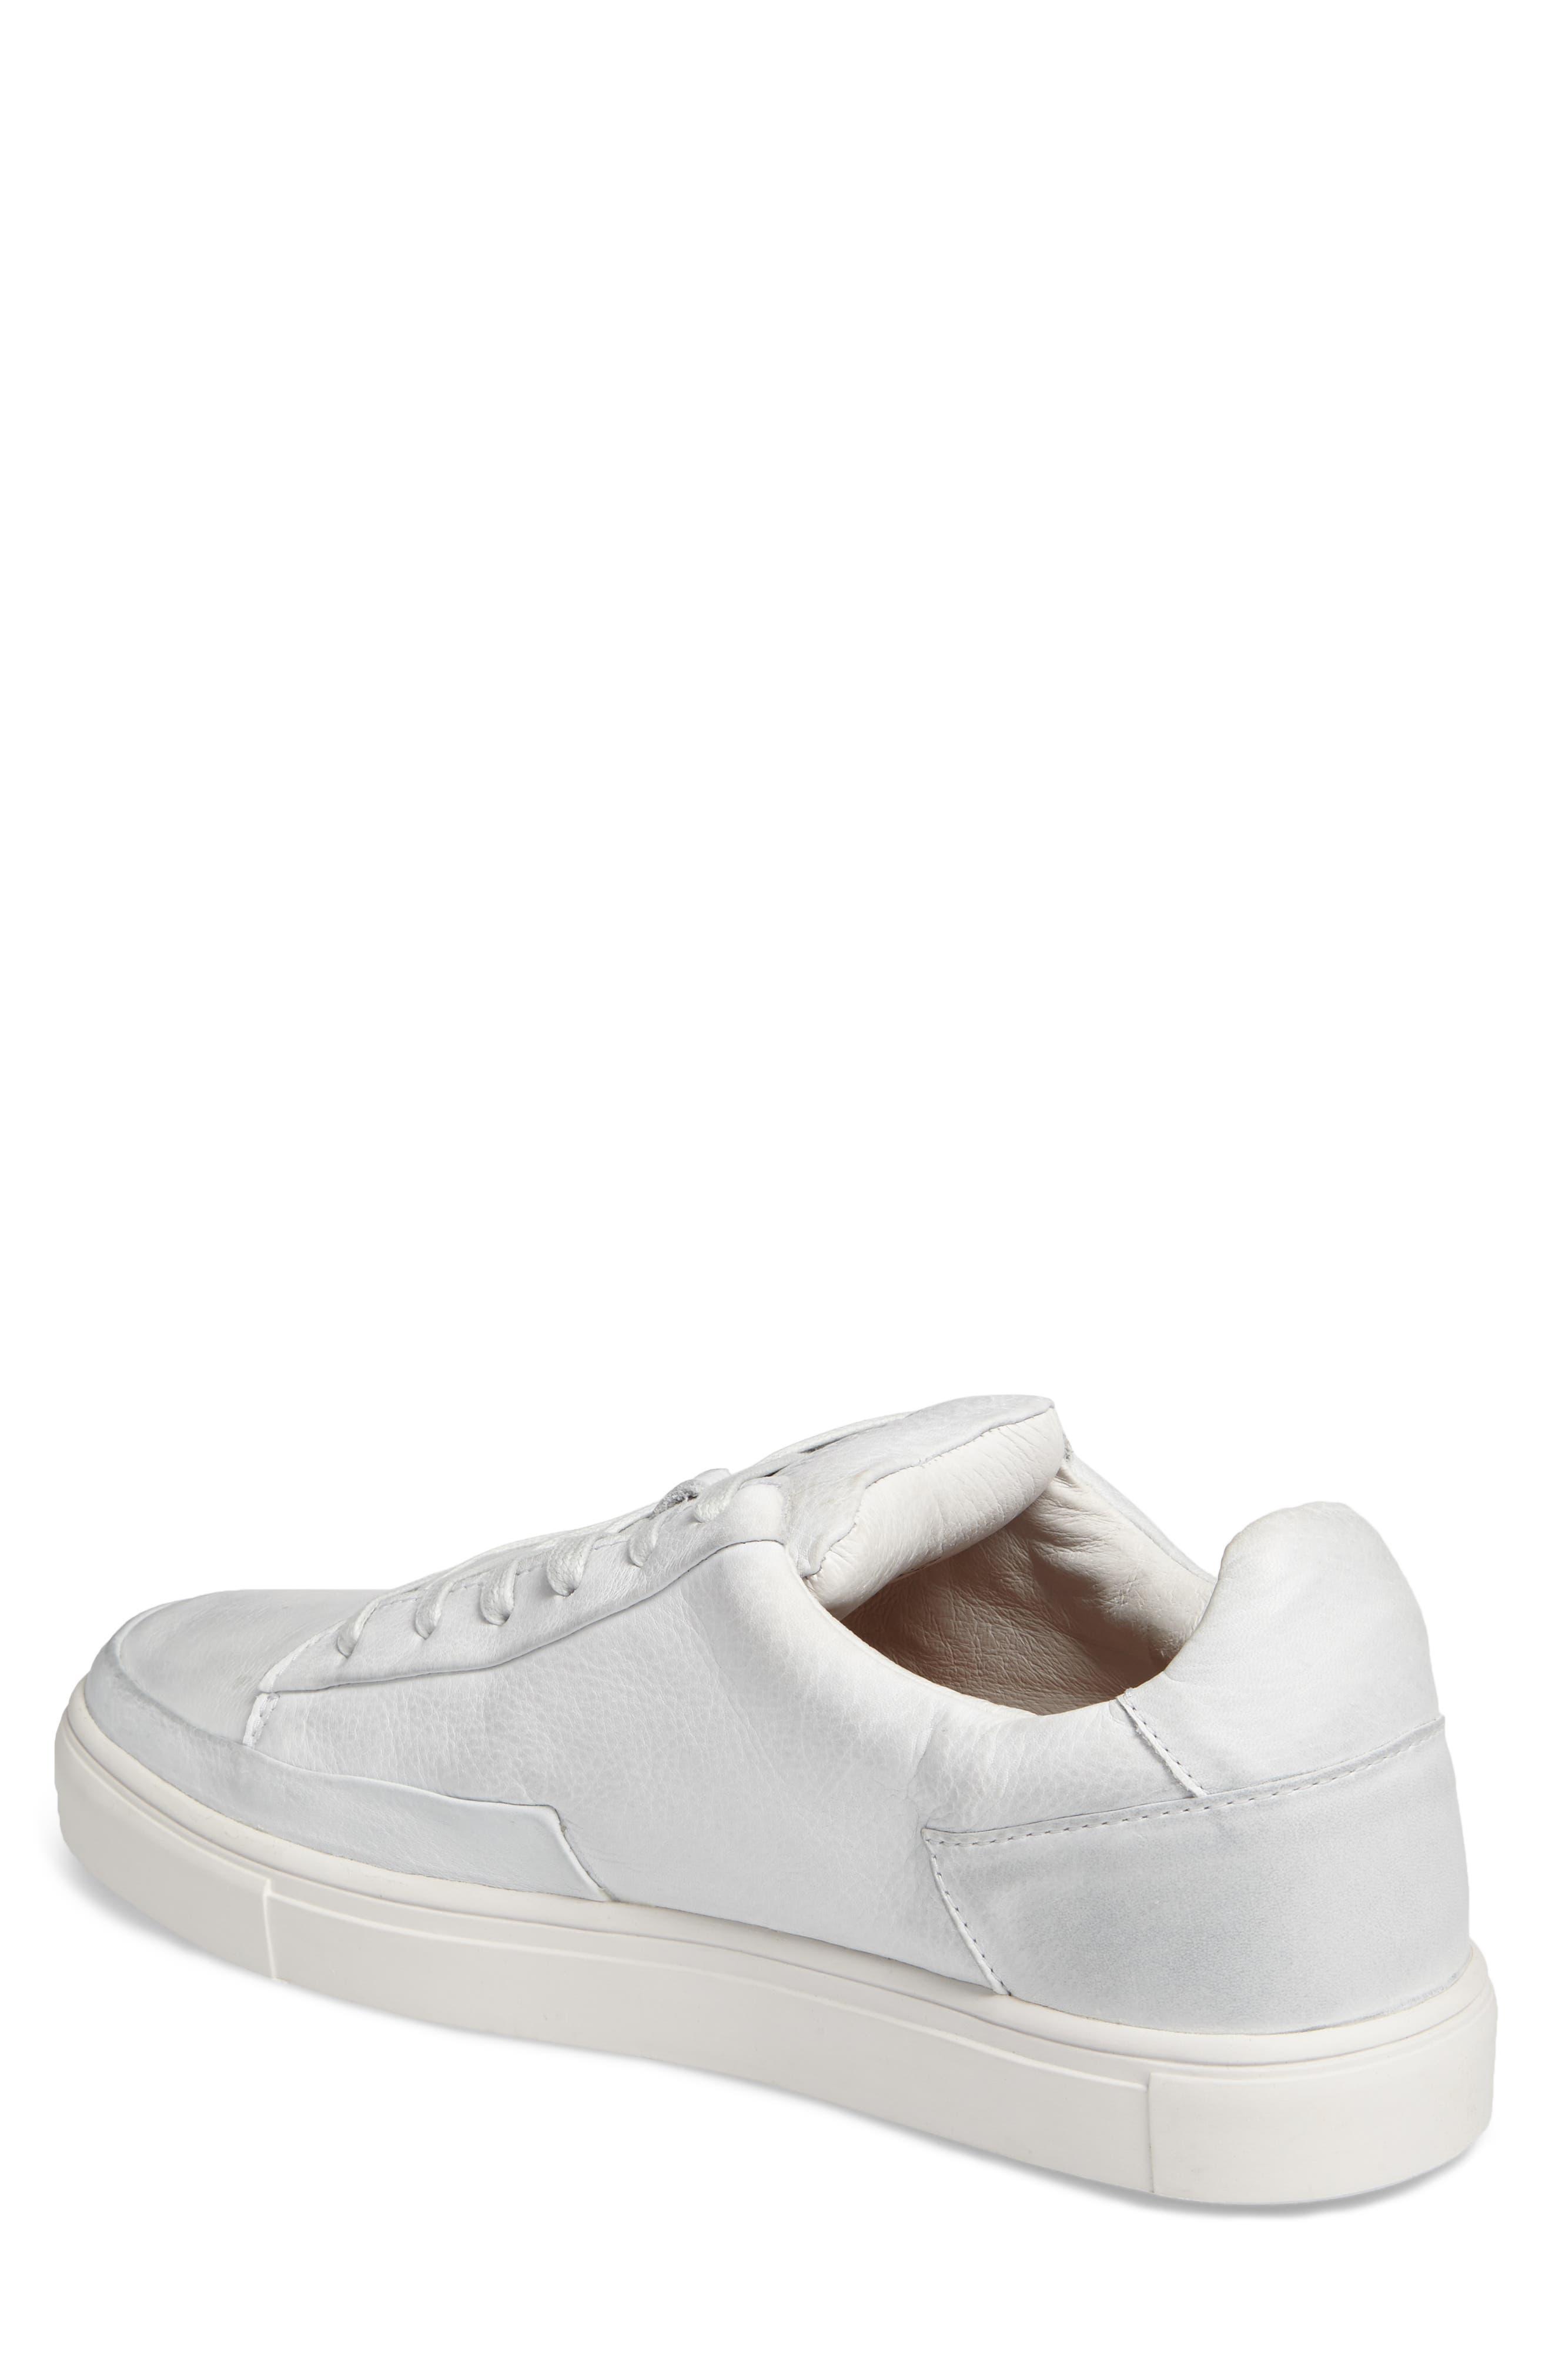 'KM01' Sneaker,                             Alternate thumbnail 2, color,                             100